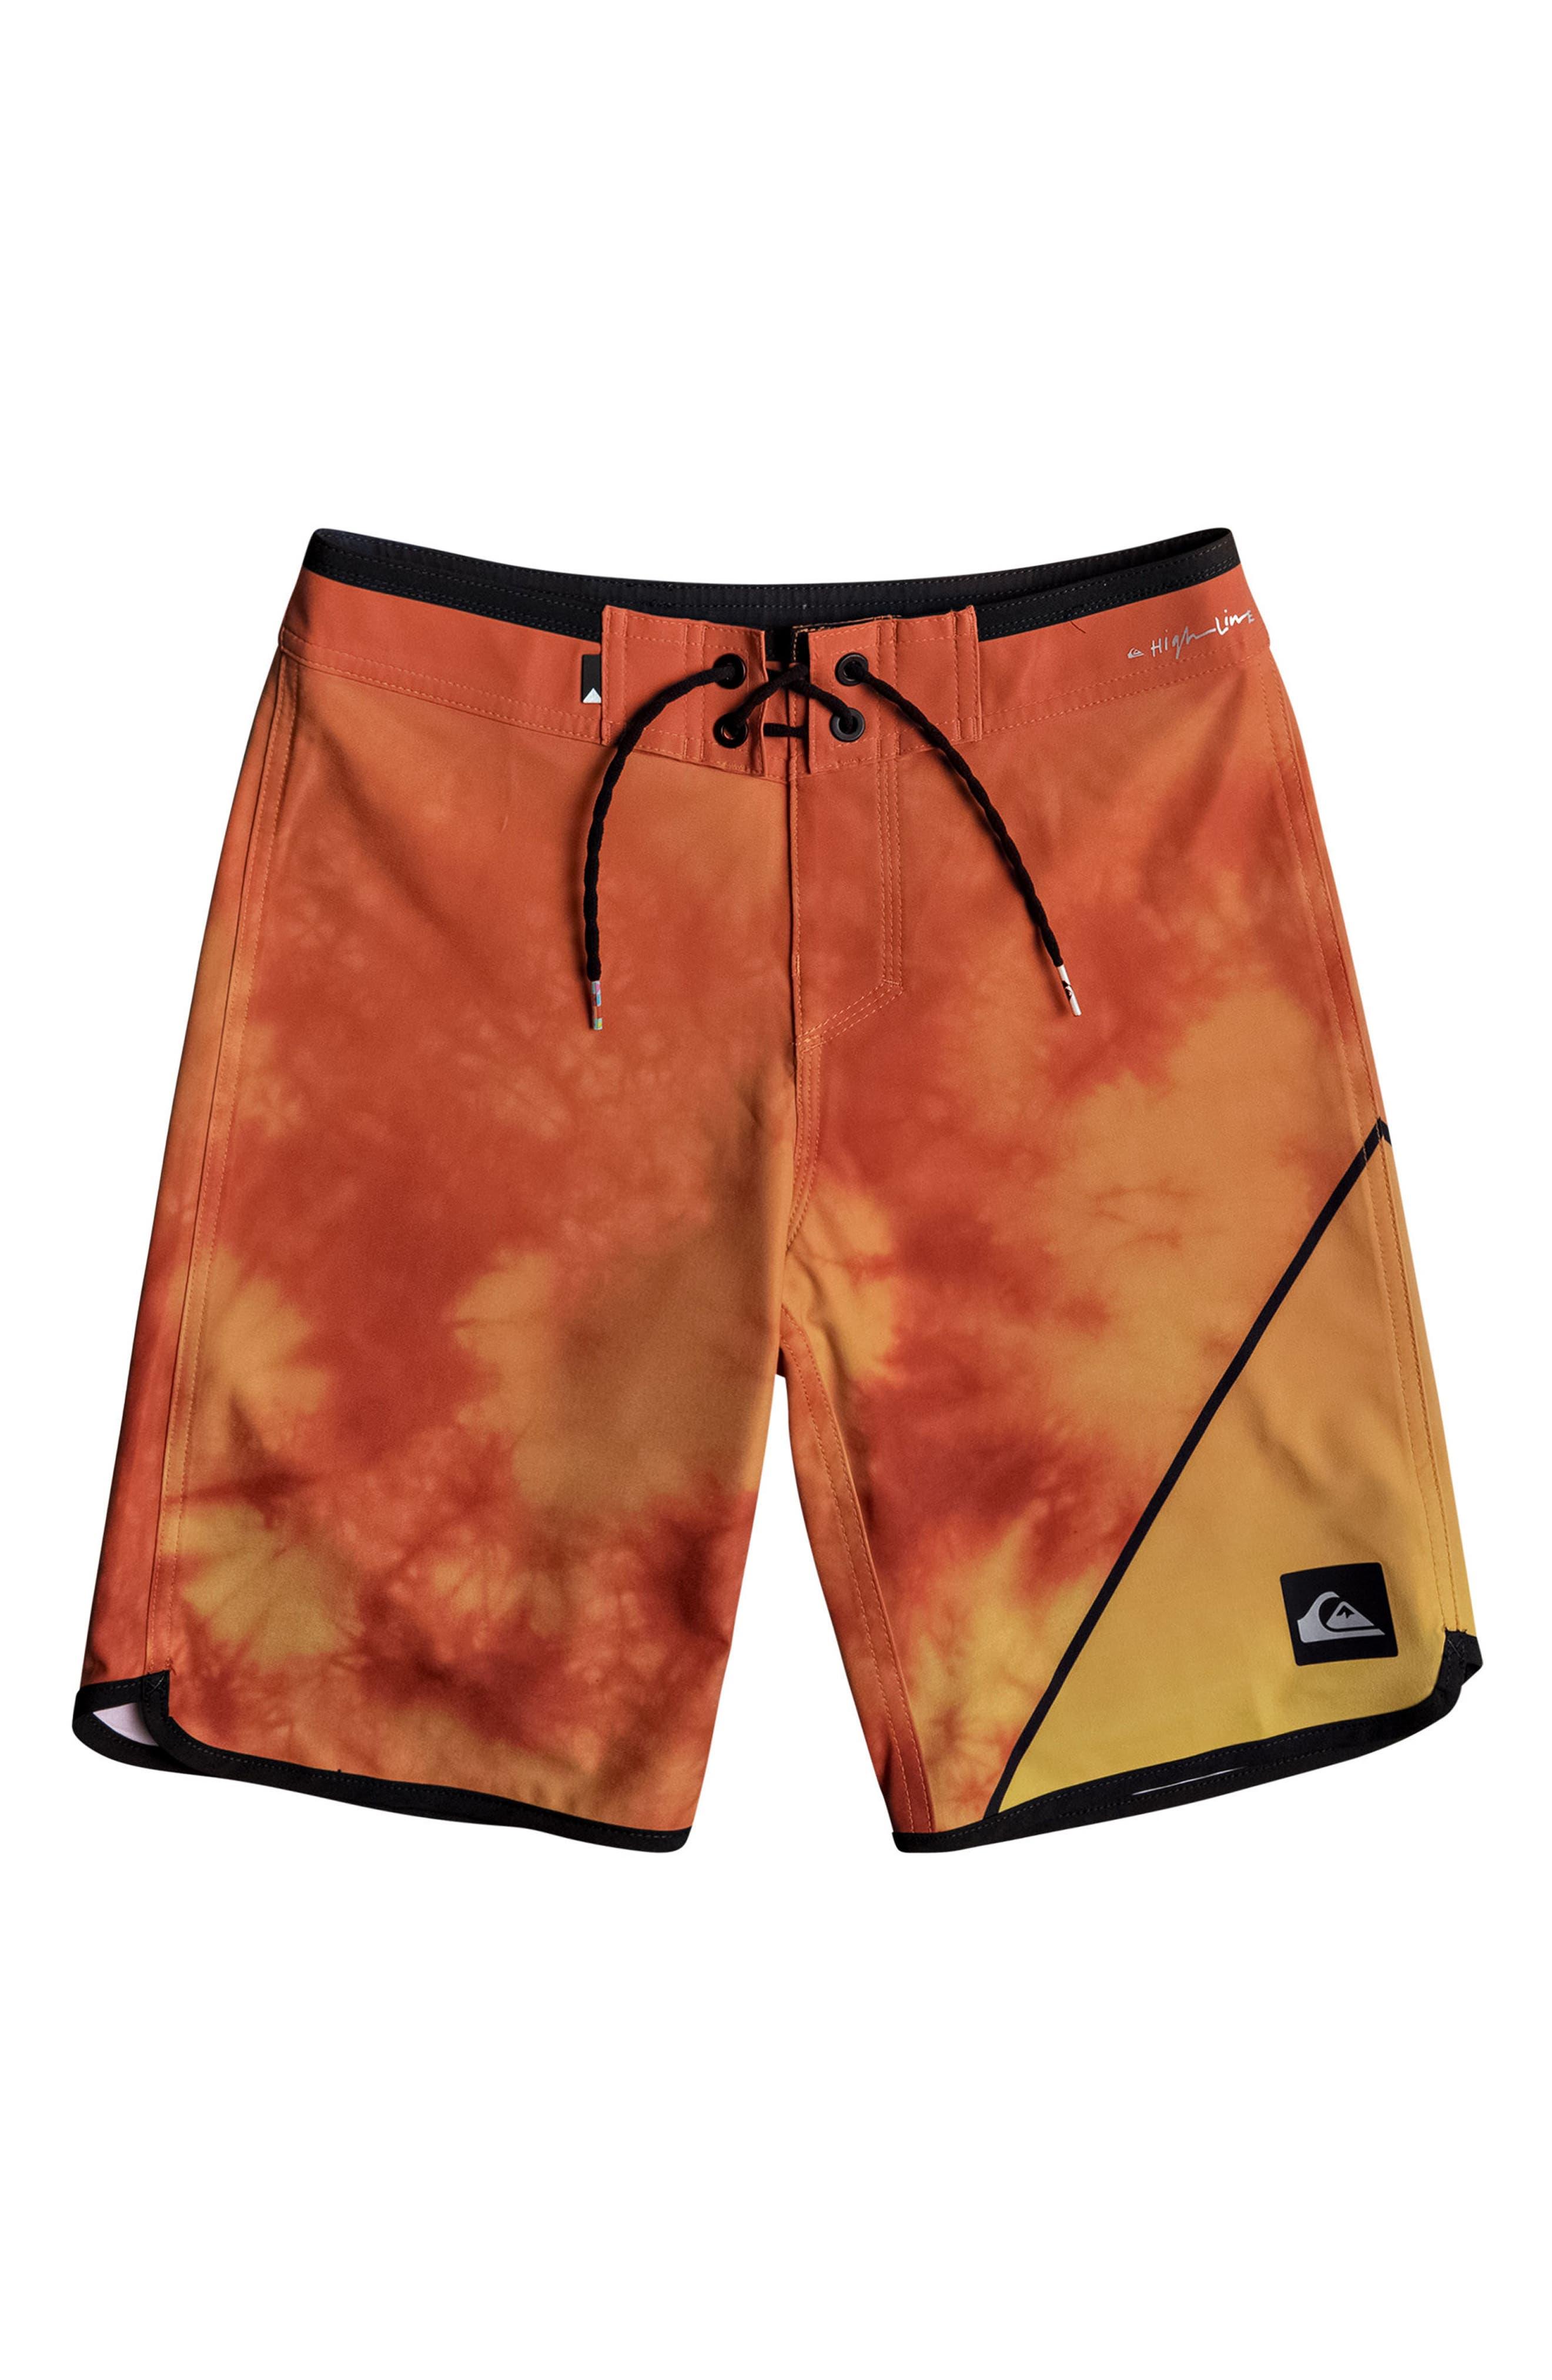 New Wave Board Shorts,                             Main thumbnail 2, color,